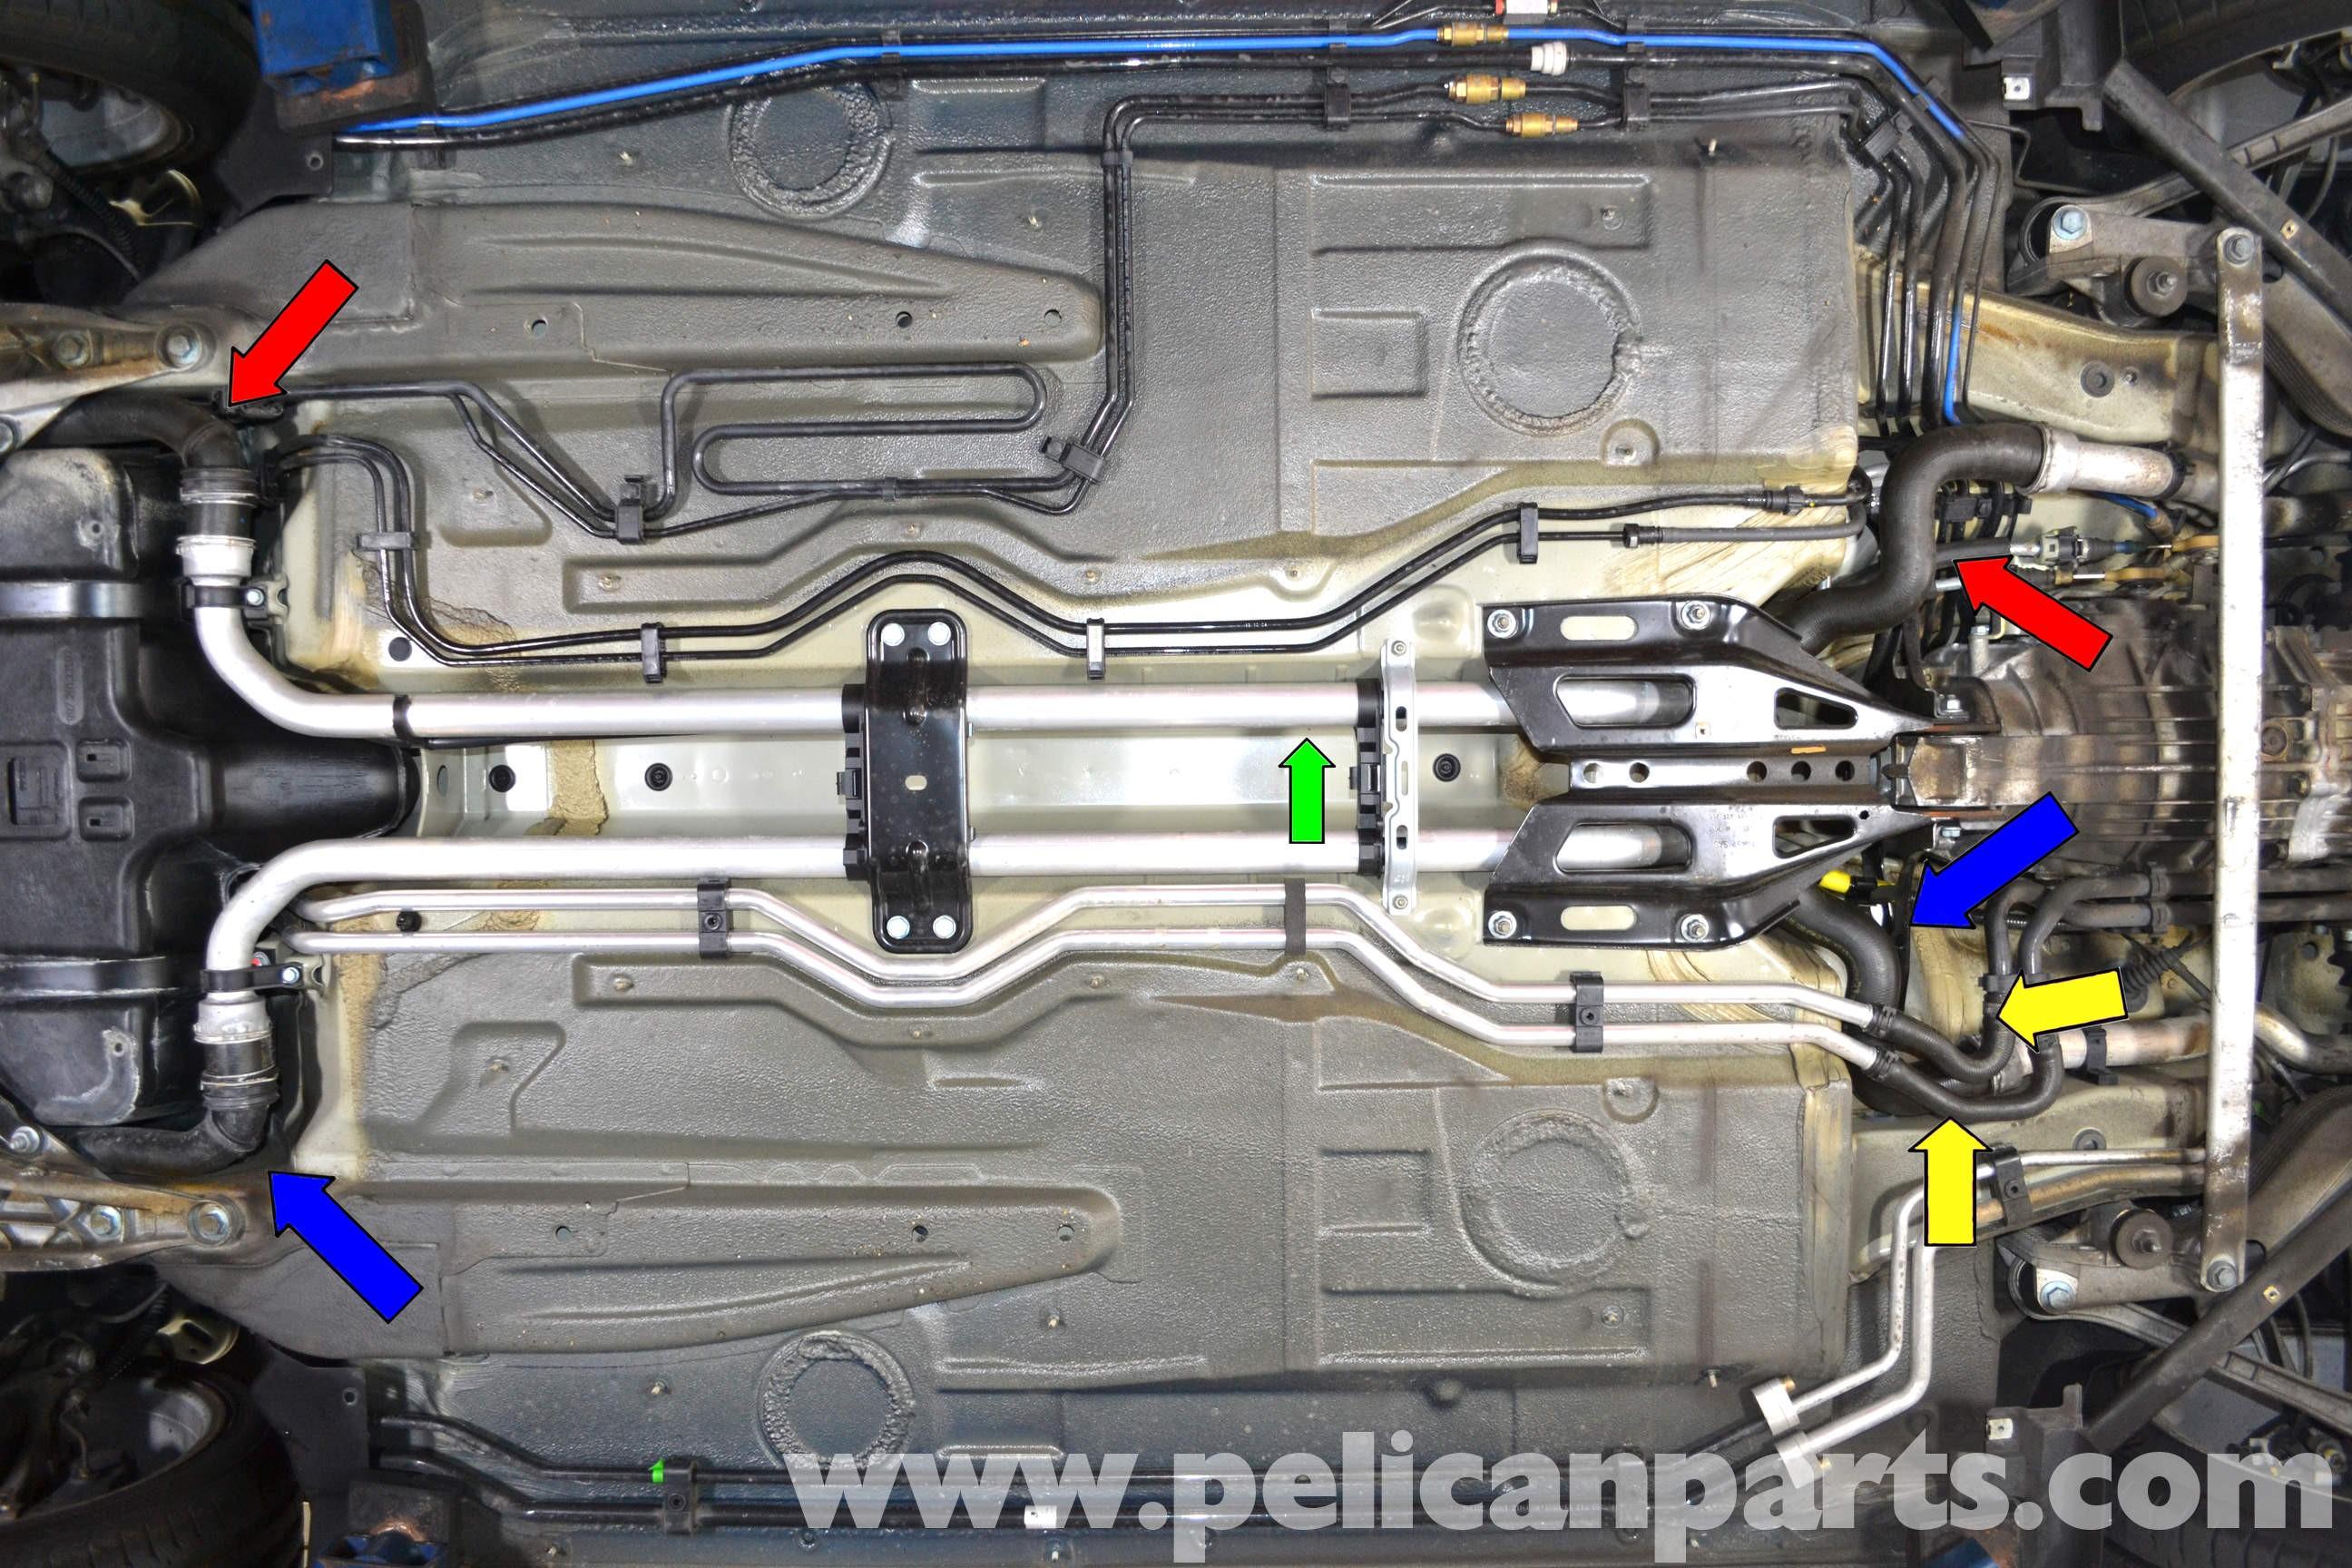 Engine Coolant Flow Diagram Porsche 911 Carrera Coolant Hose Replacement  996 1998 2005 997